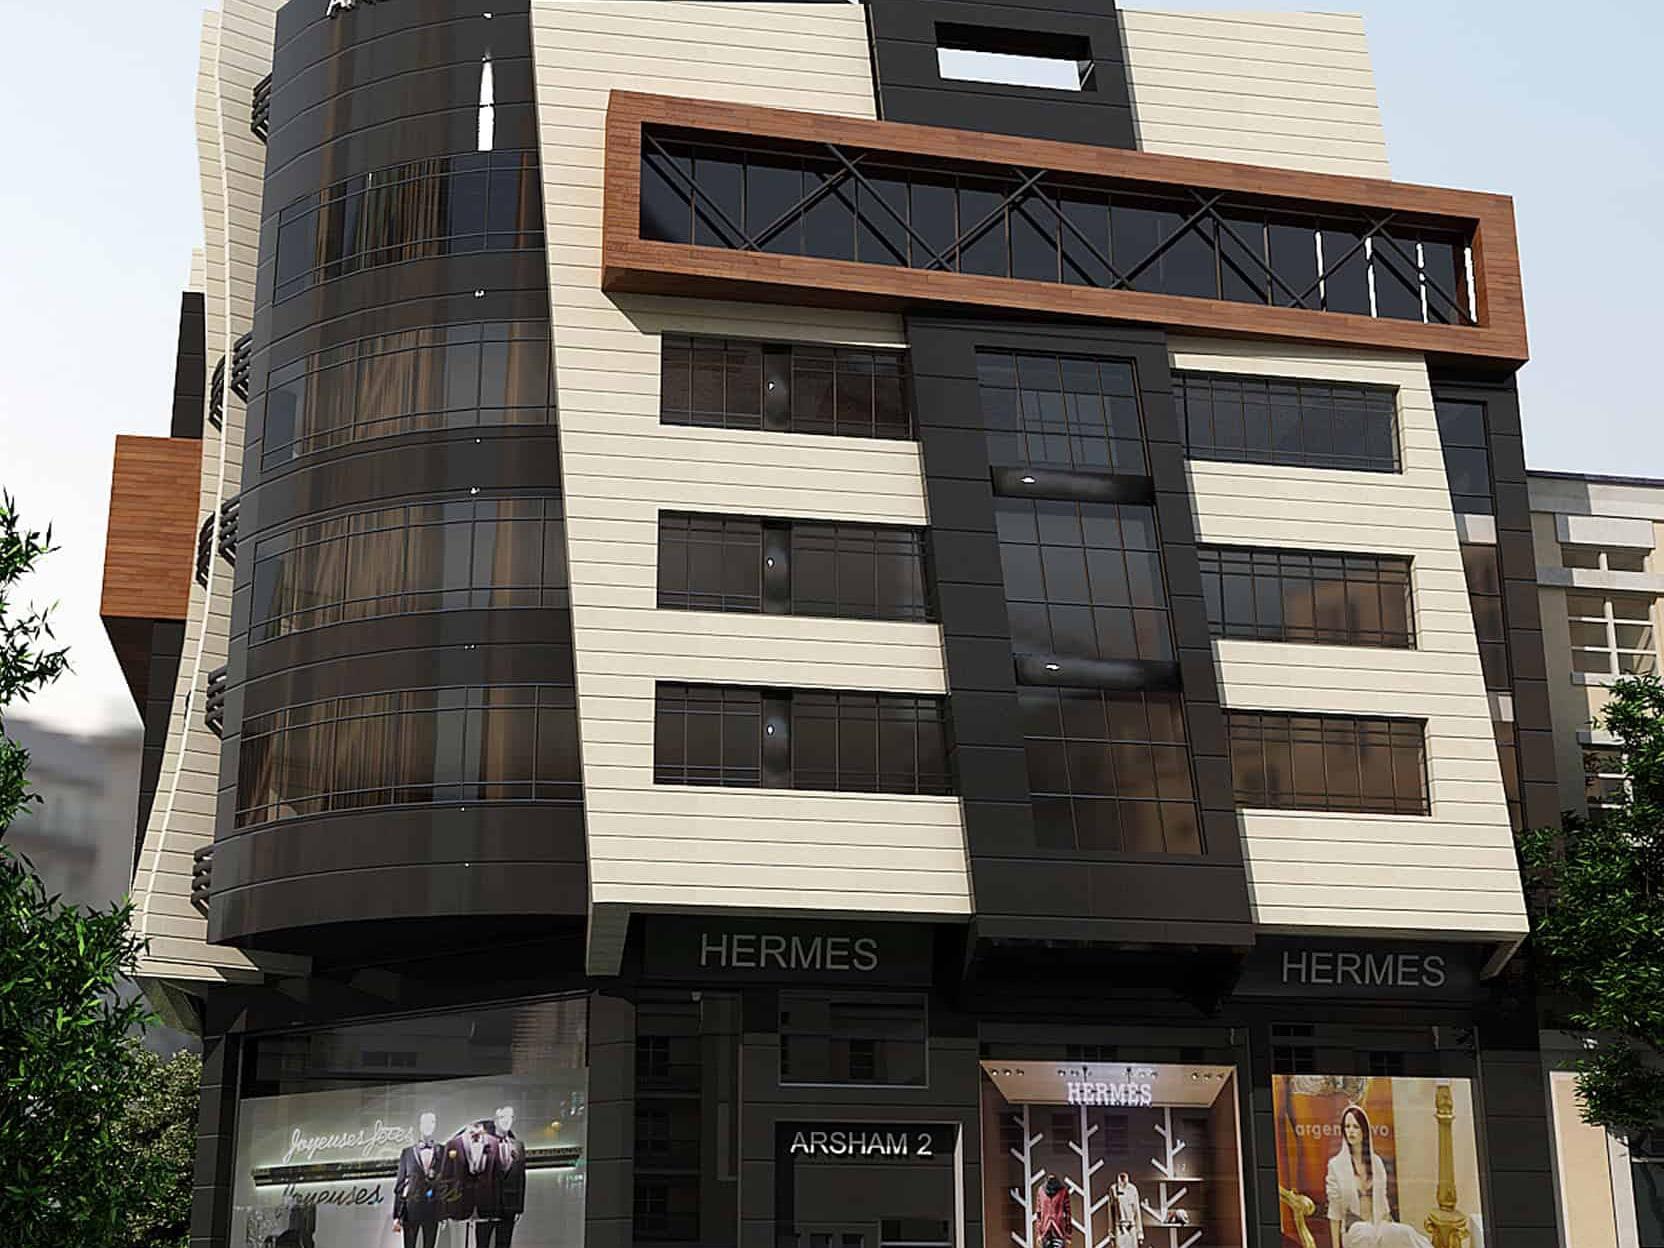 معماری و طراحی مدرن مجتمع اداری تجاری آرشام